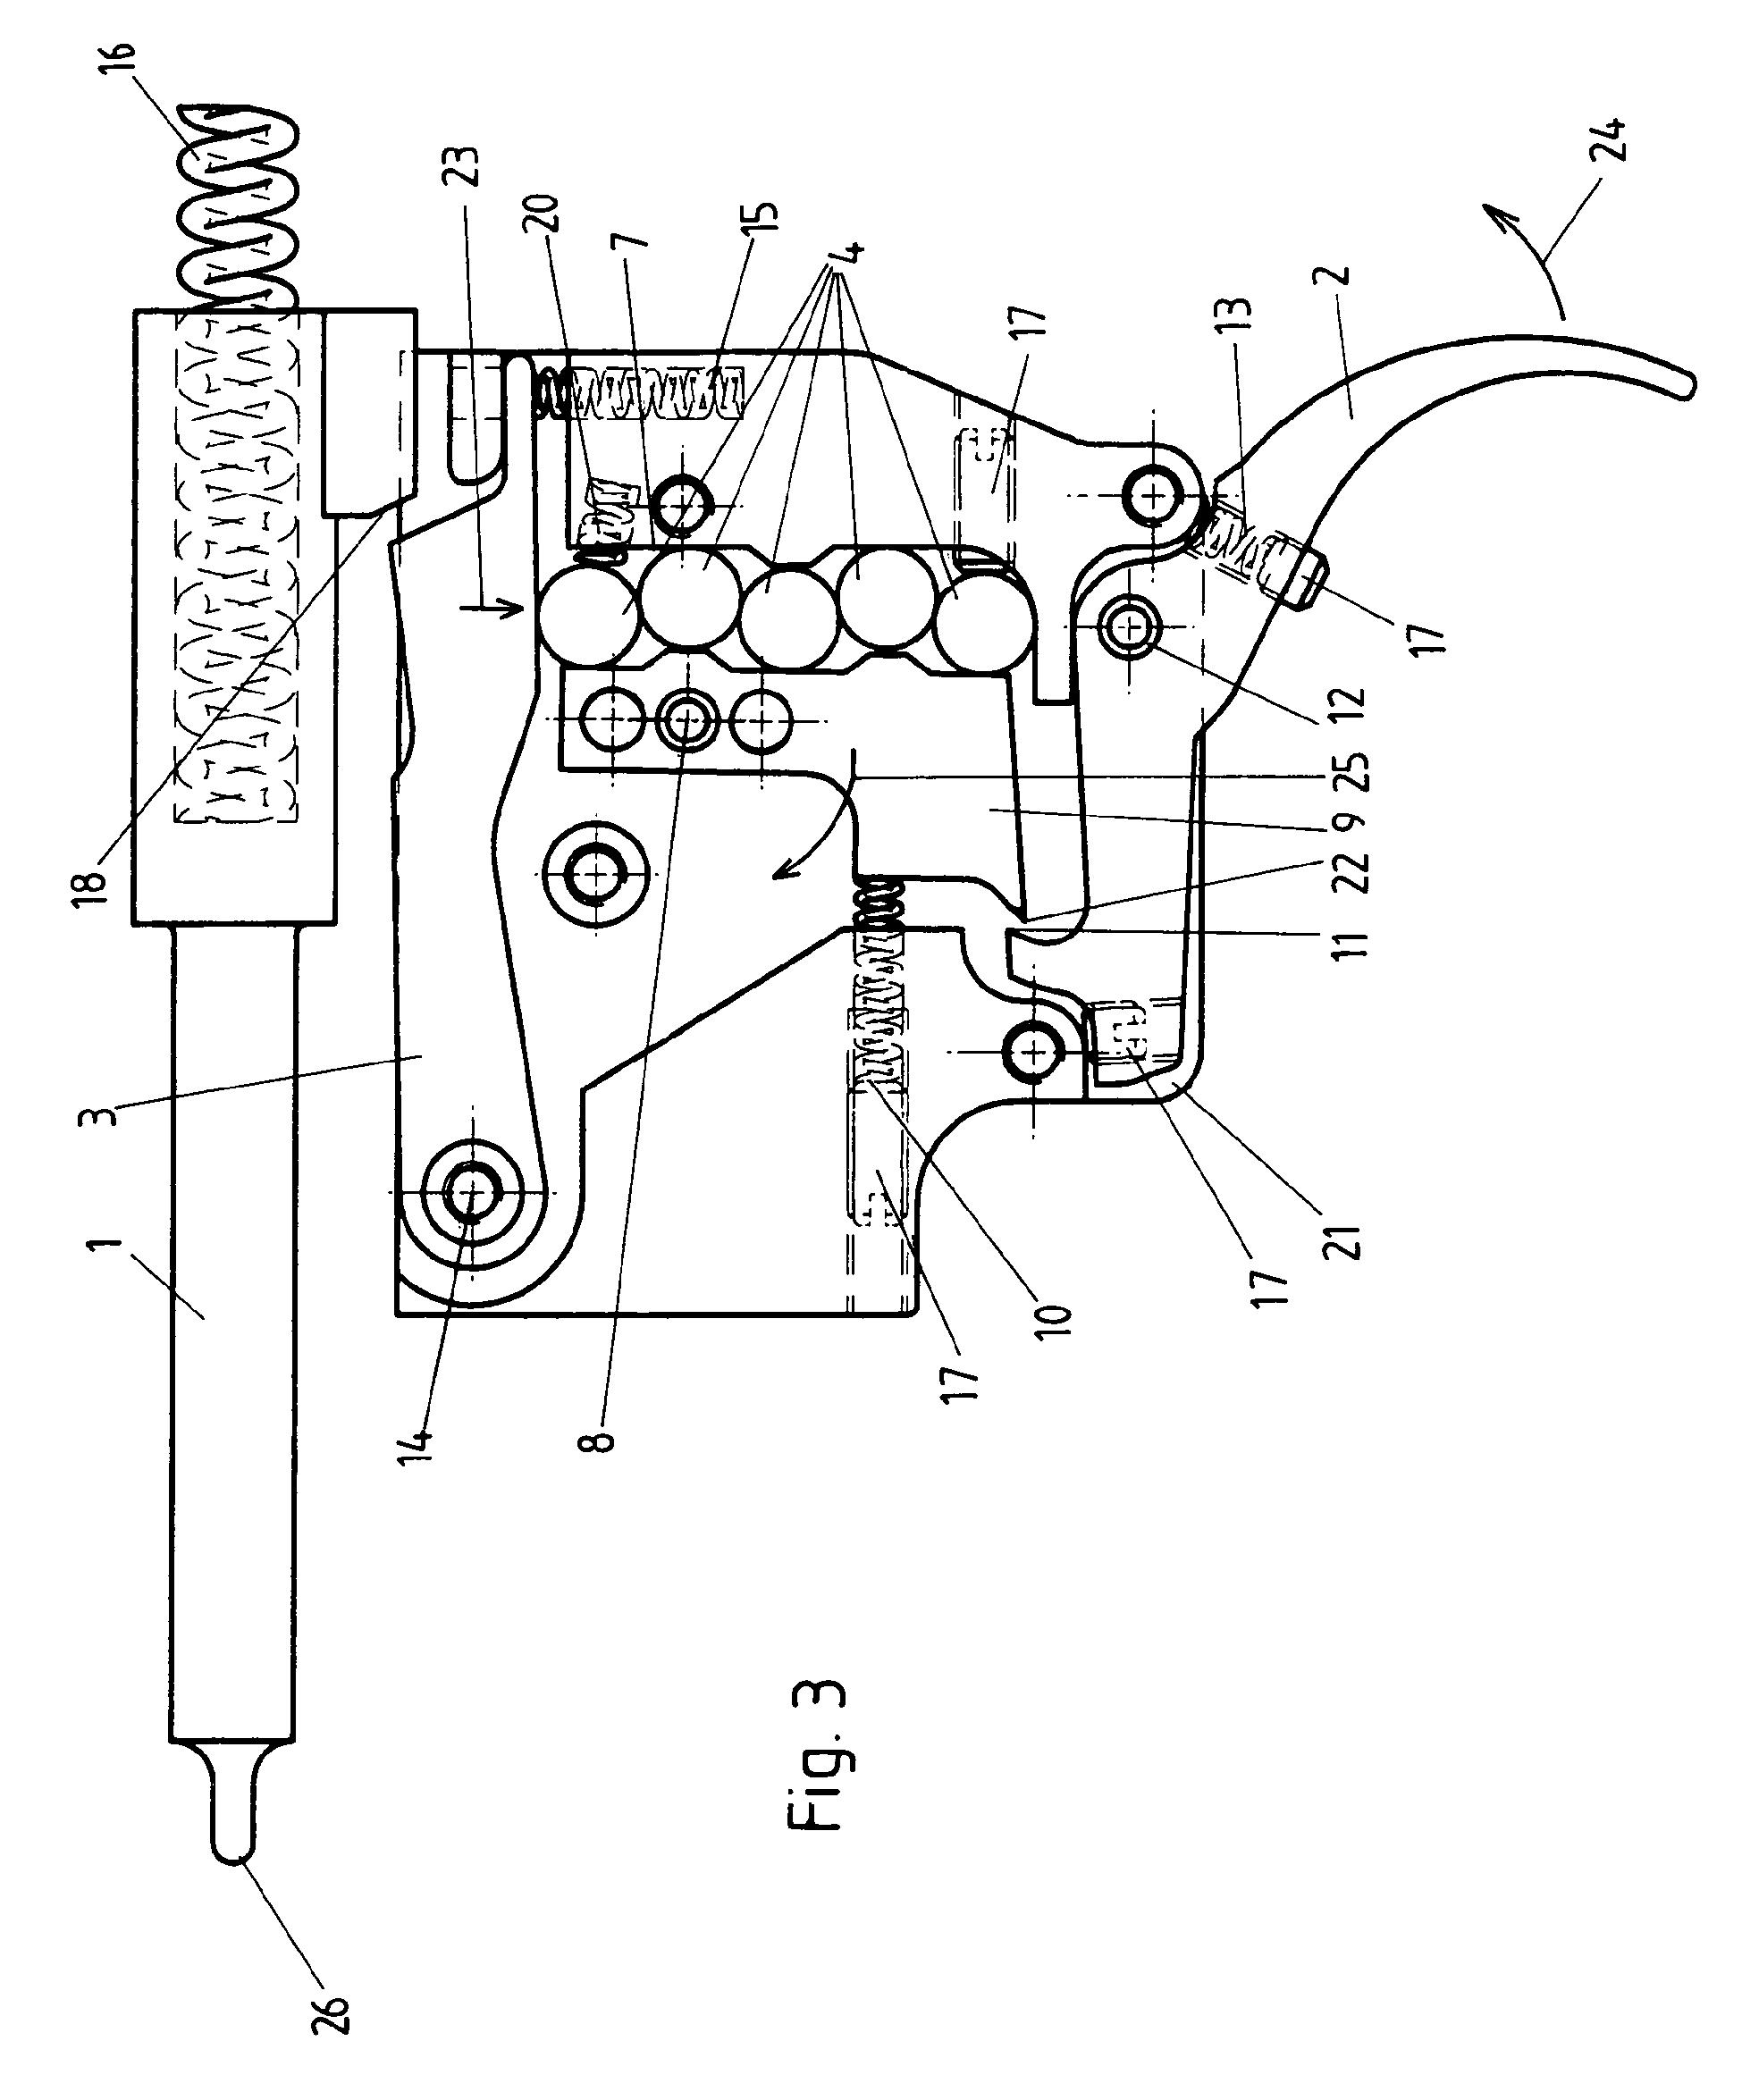 pignose guitar wiring diagram